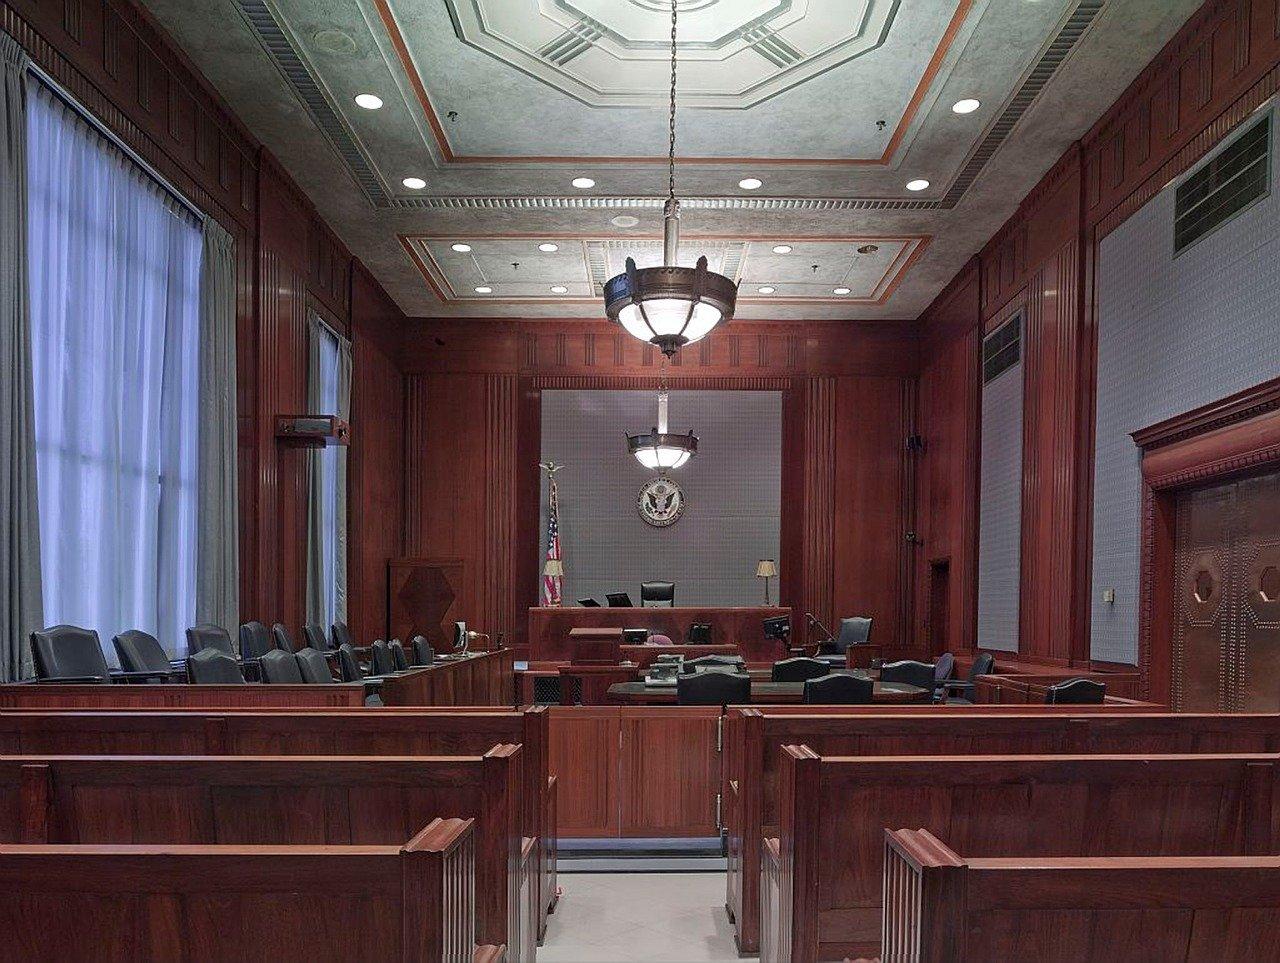 Sala De Justicia, Bancos, Asientos